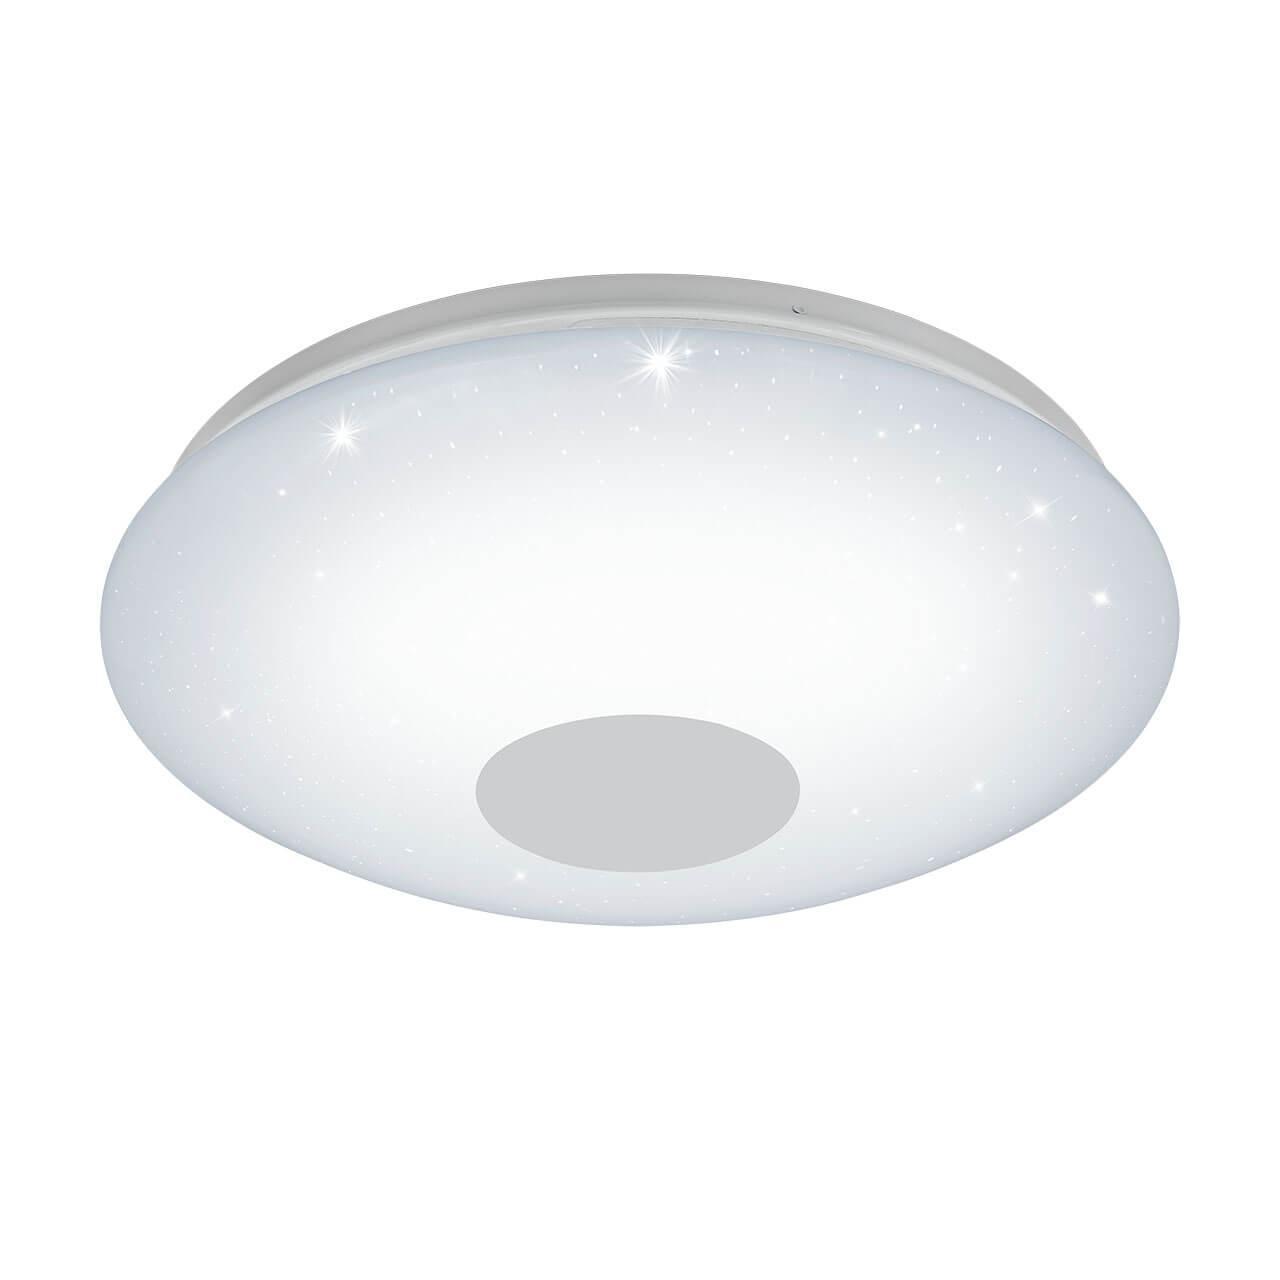 Накладной светильник Eglo 96684, LED, 17 Вт eglo накладной светильник crater 91168